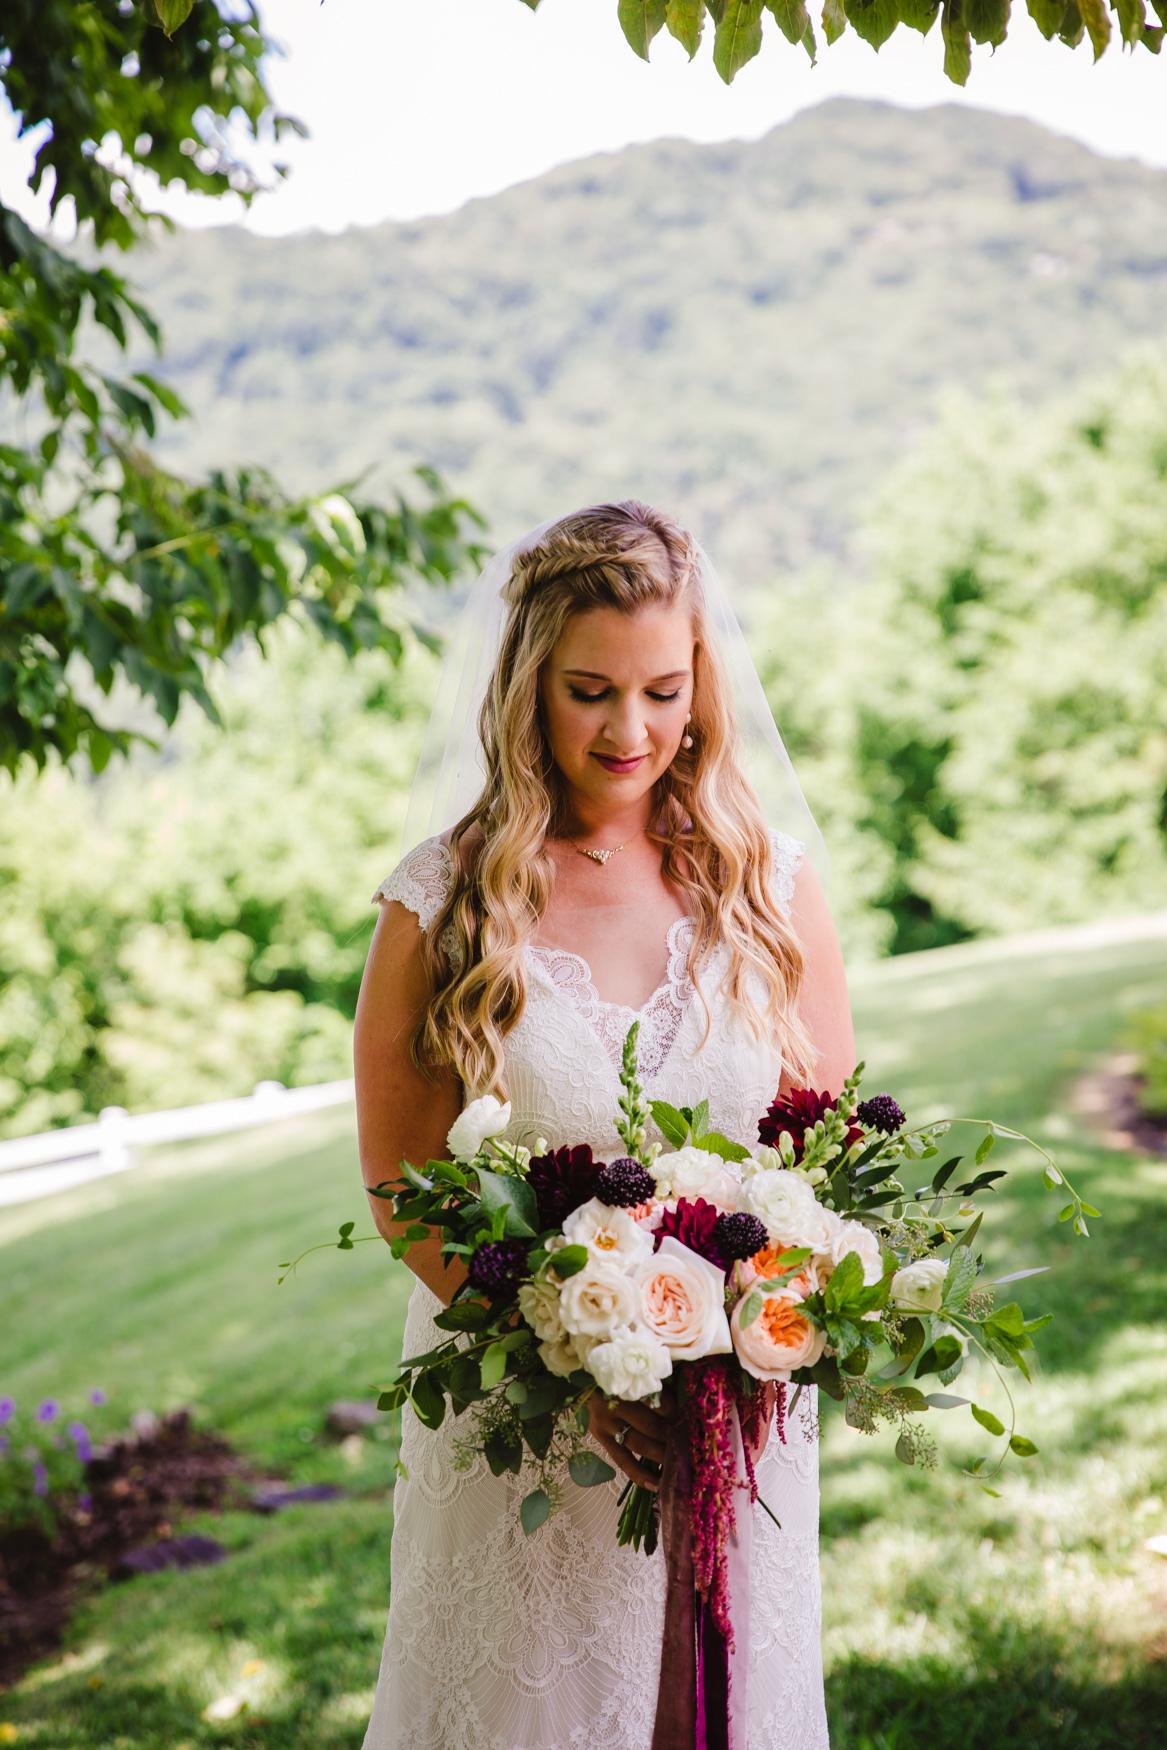 Wedding Bridal Photo Waynesville NC Wedding Photographers